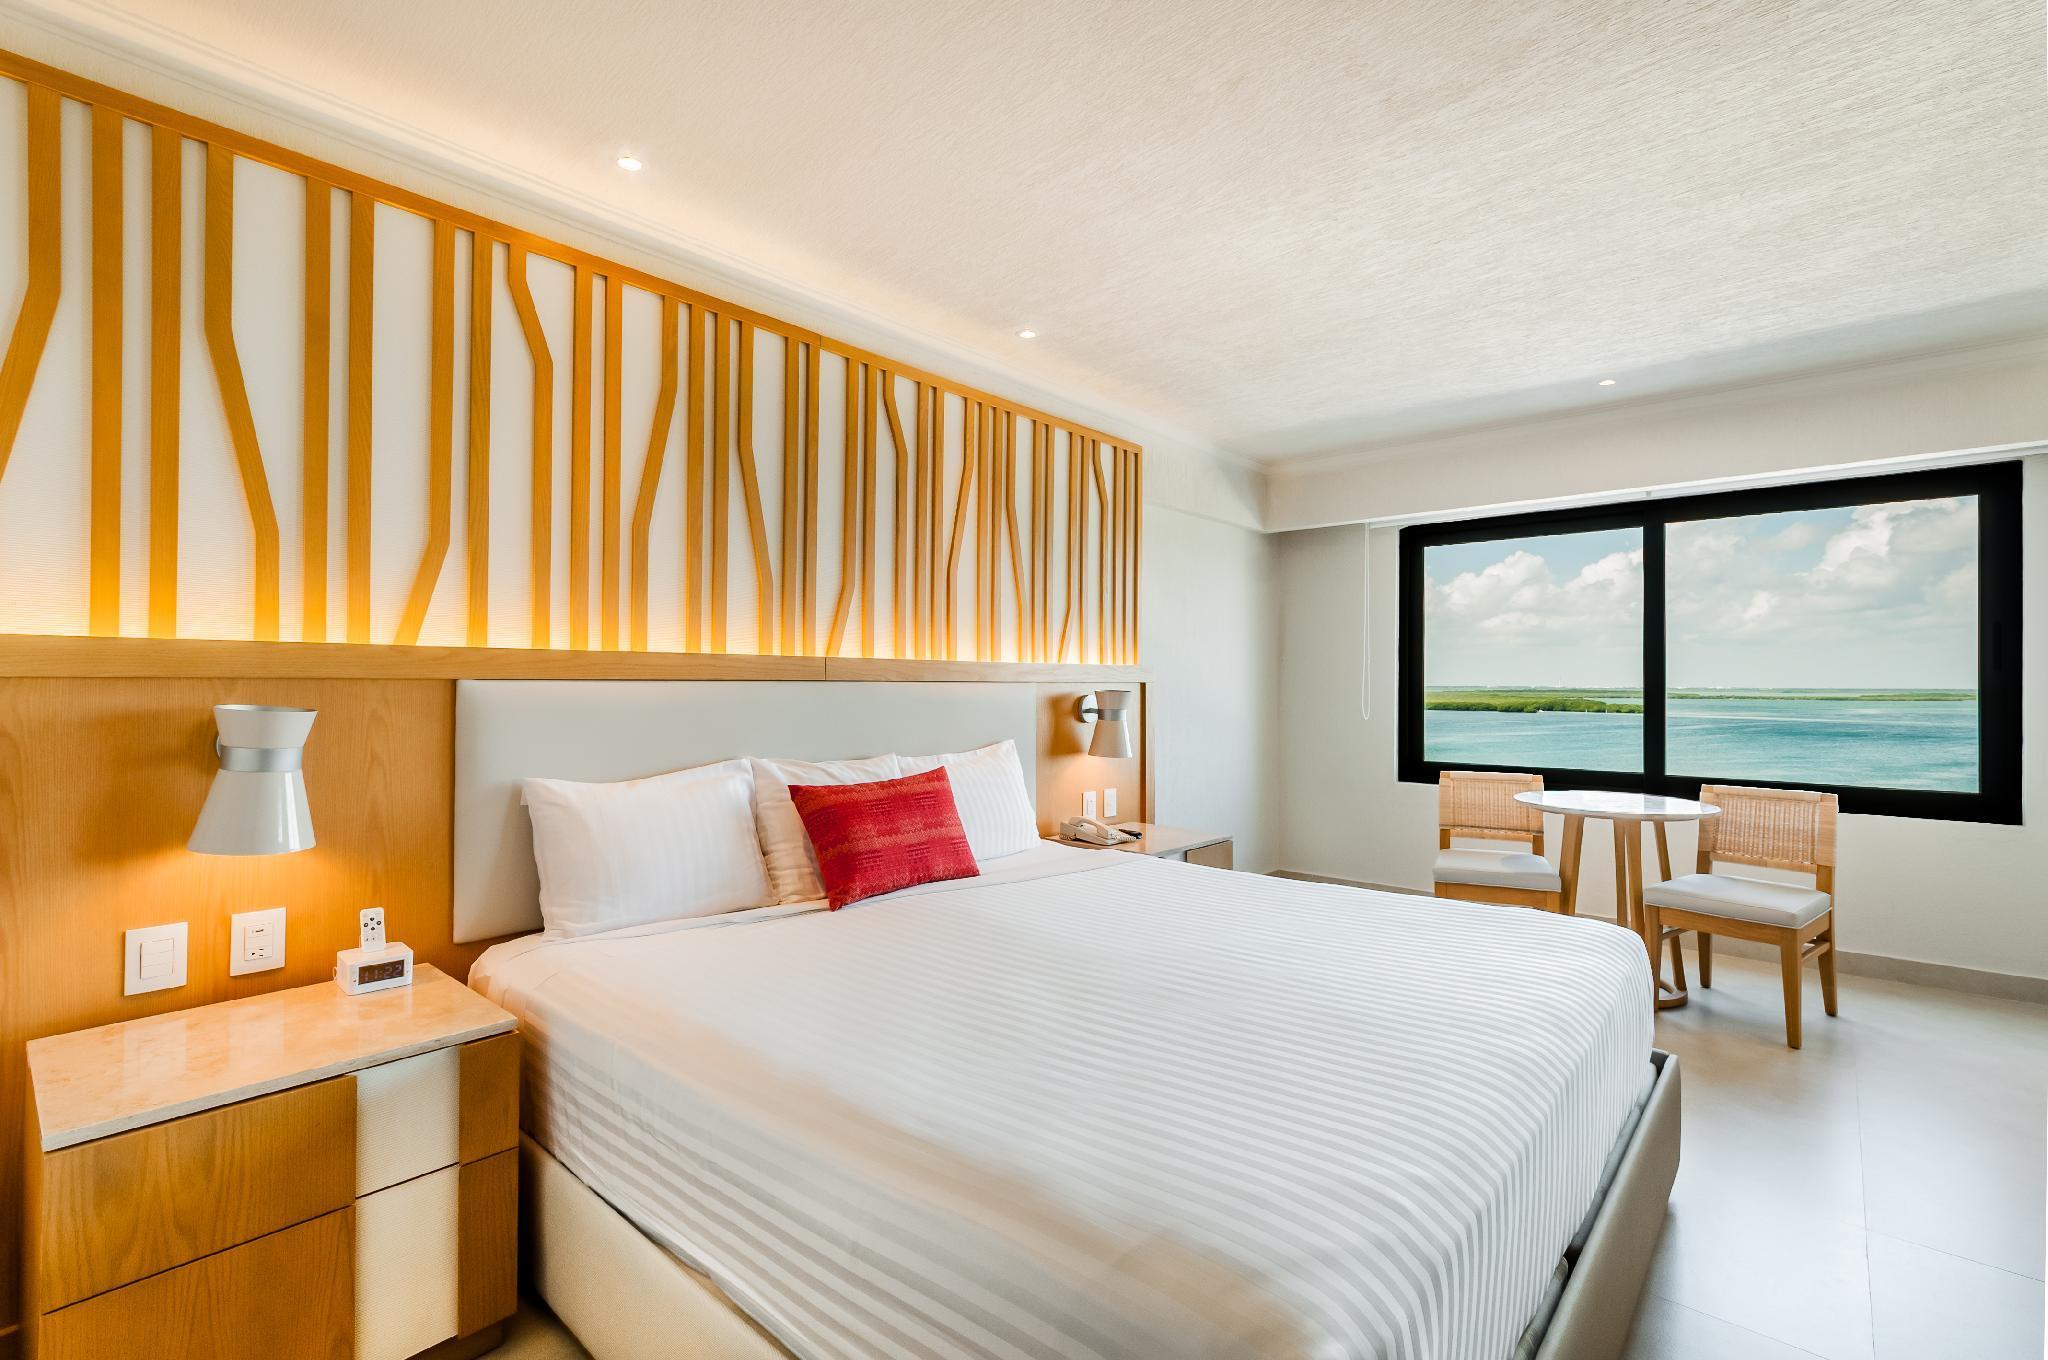 royal solaris cancun resort marina and spa reviews